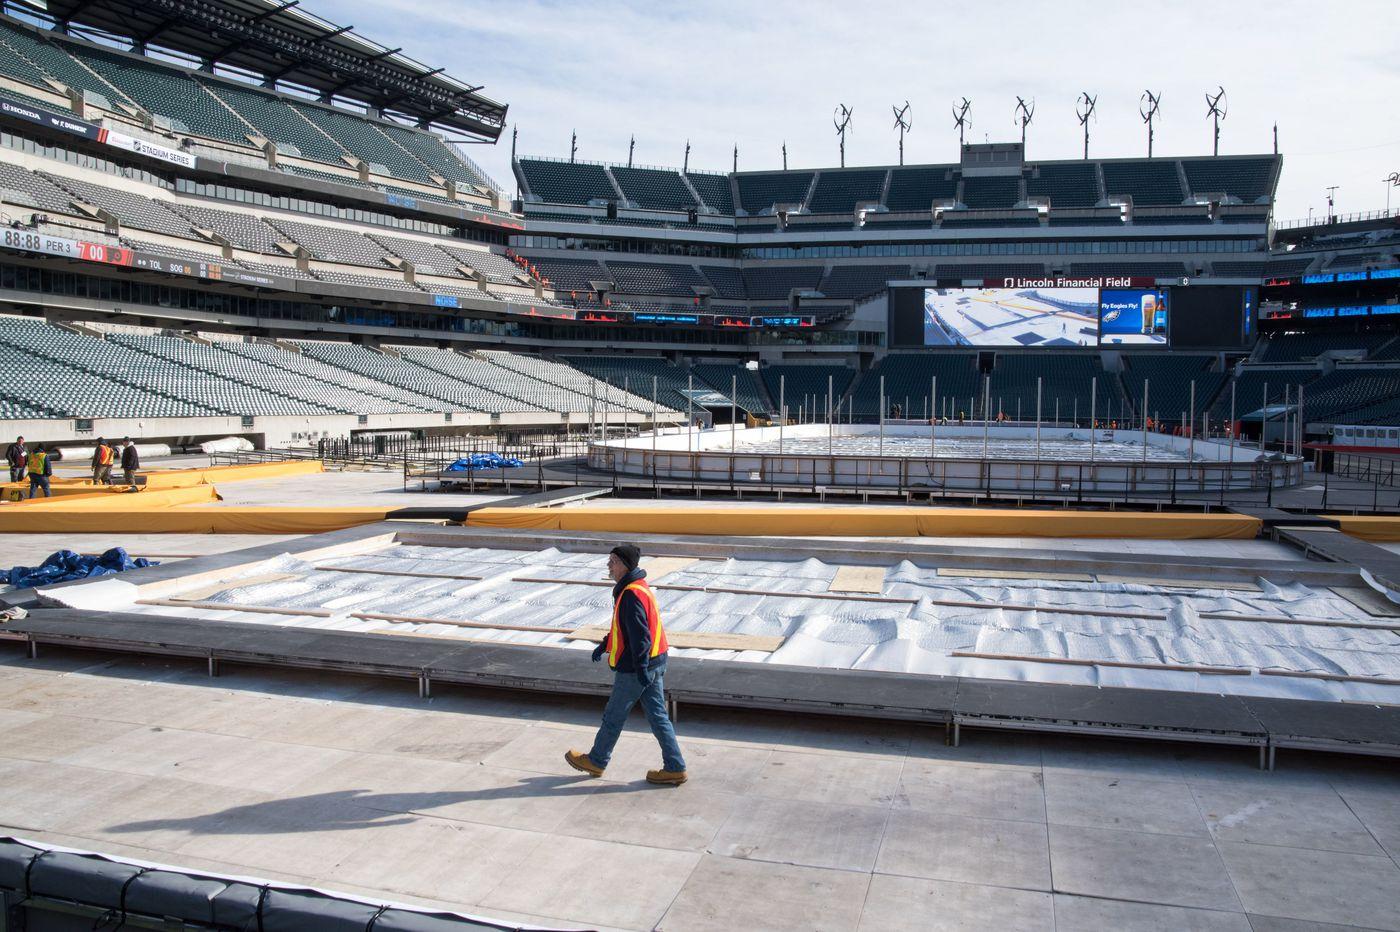 Stadium Series To Begin As Scheduled Despite Rain